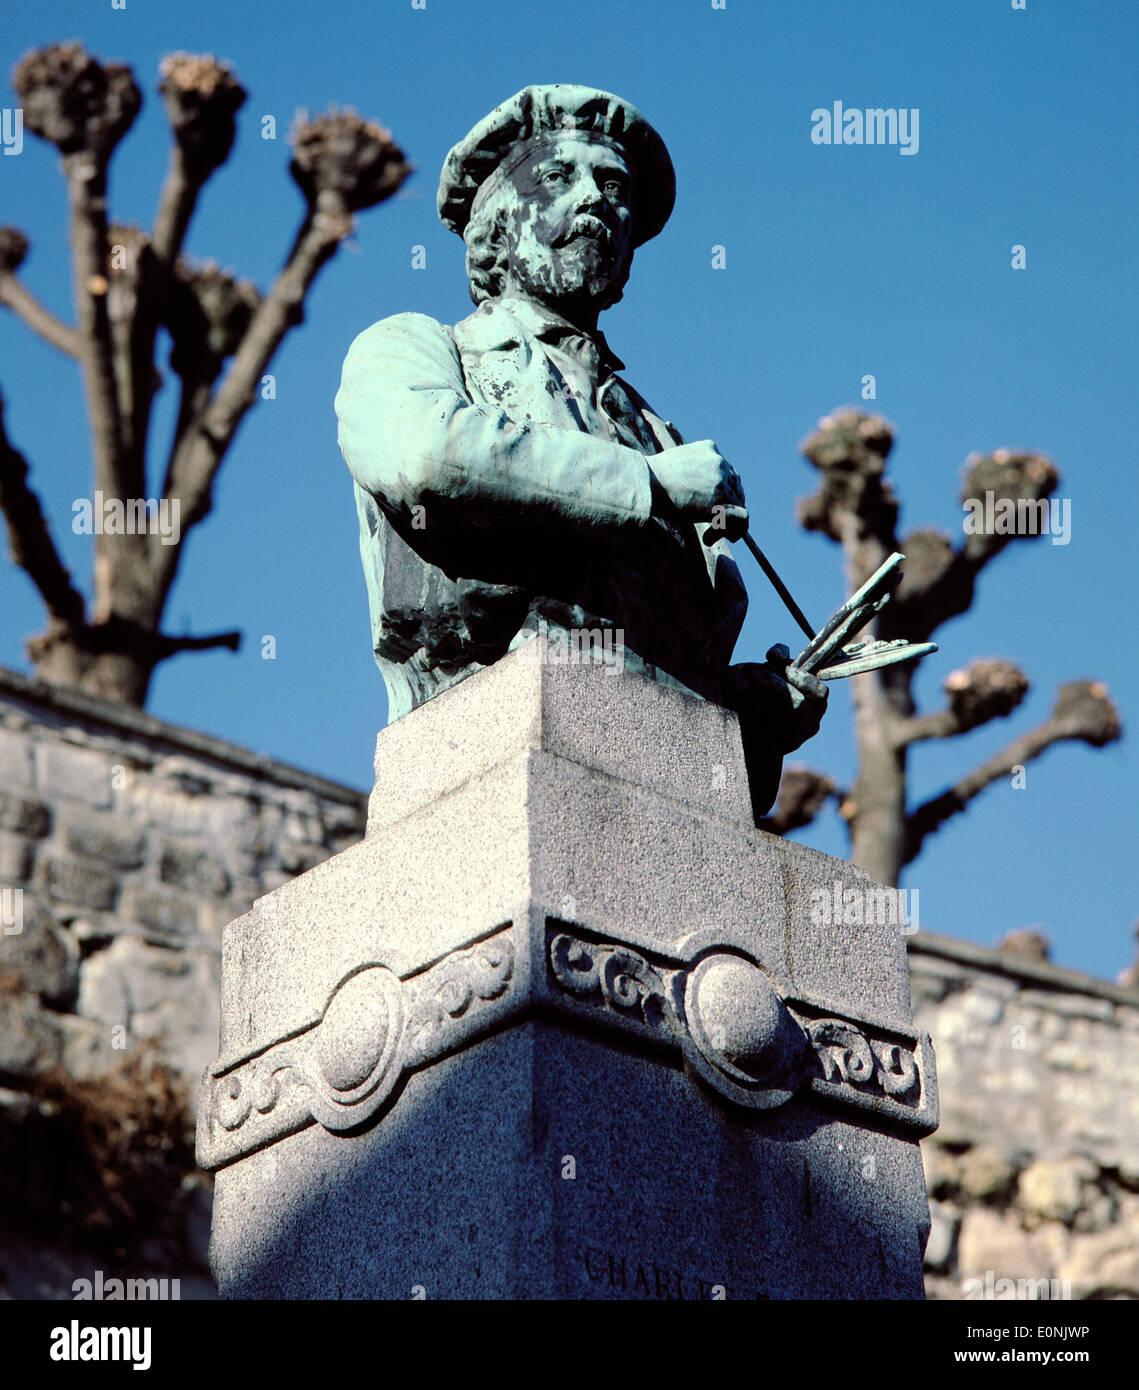 AJAX. AUVERS SUR OISE, FRANCE. - STATUE OF ARTIST CHARLES FRANCOIS DAUBIGNY, IMPRESSIONIST PAINTER. PHOTO:JONATHAN EASTLAND/AJAX - Stock Image